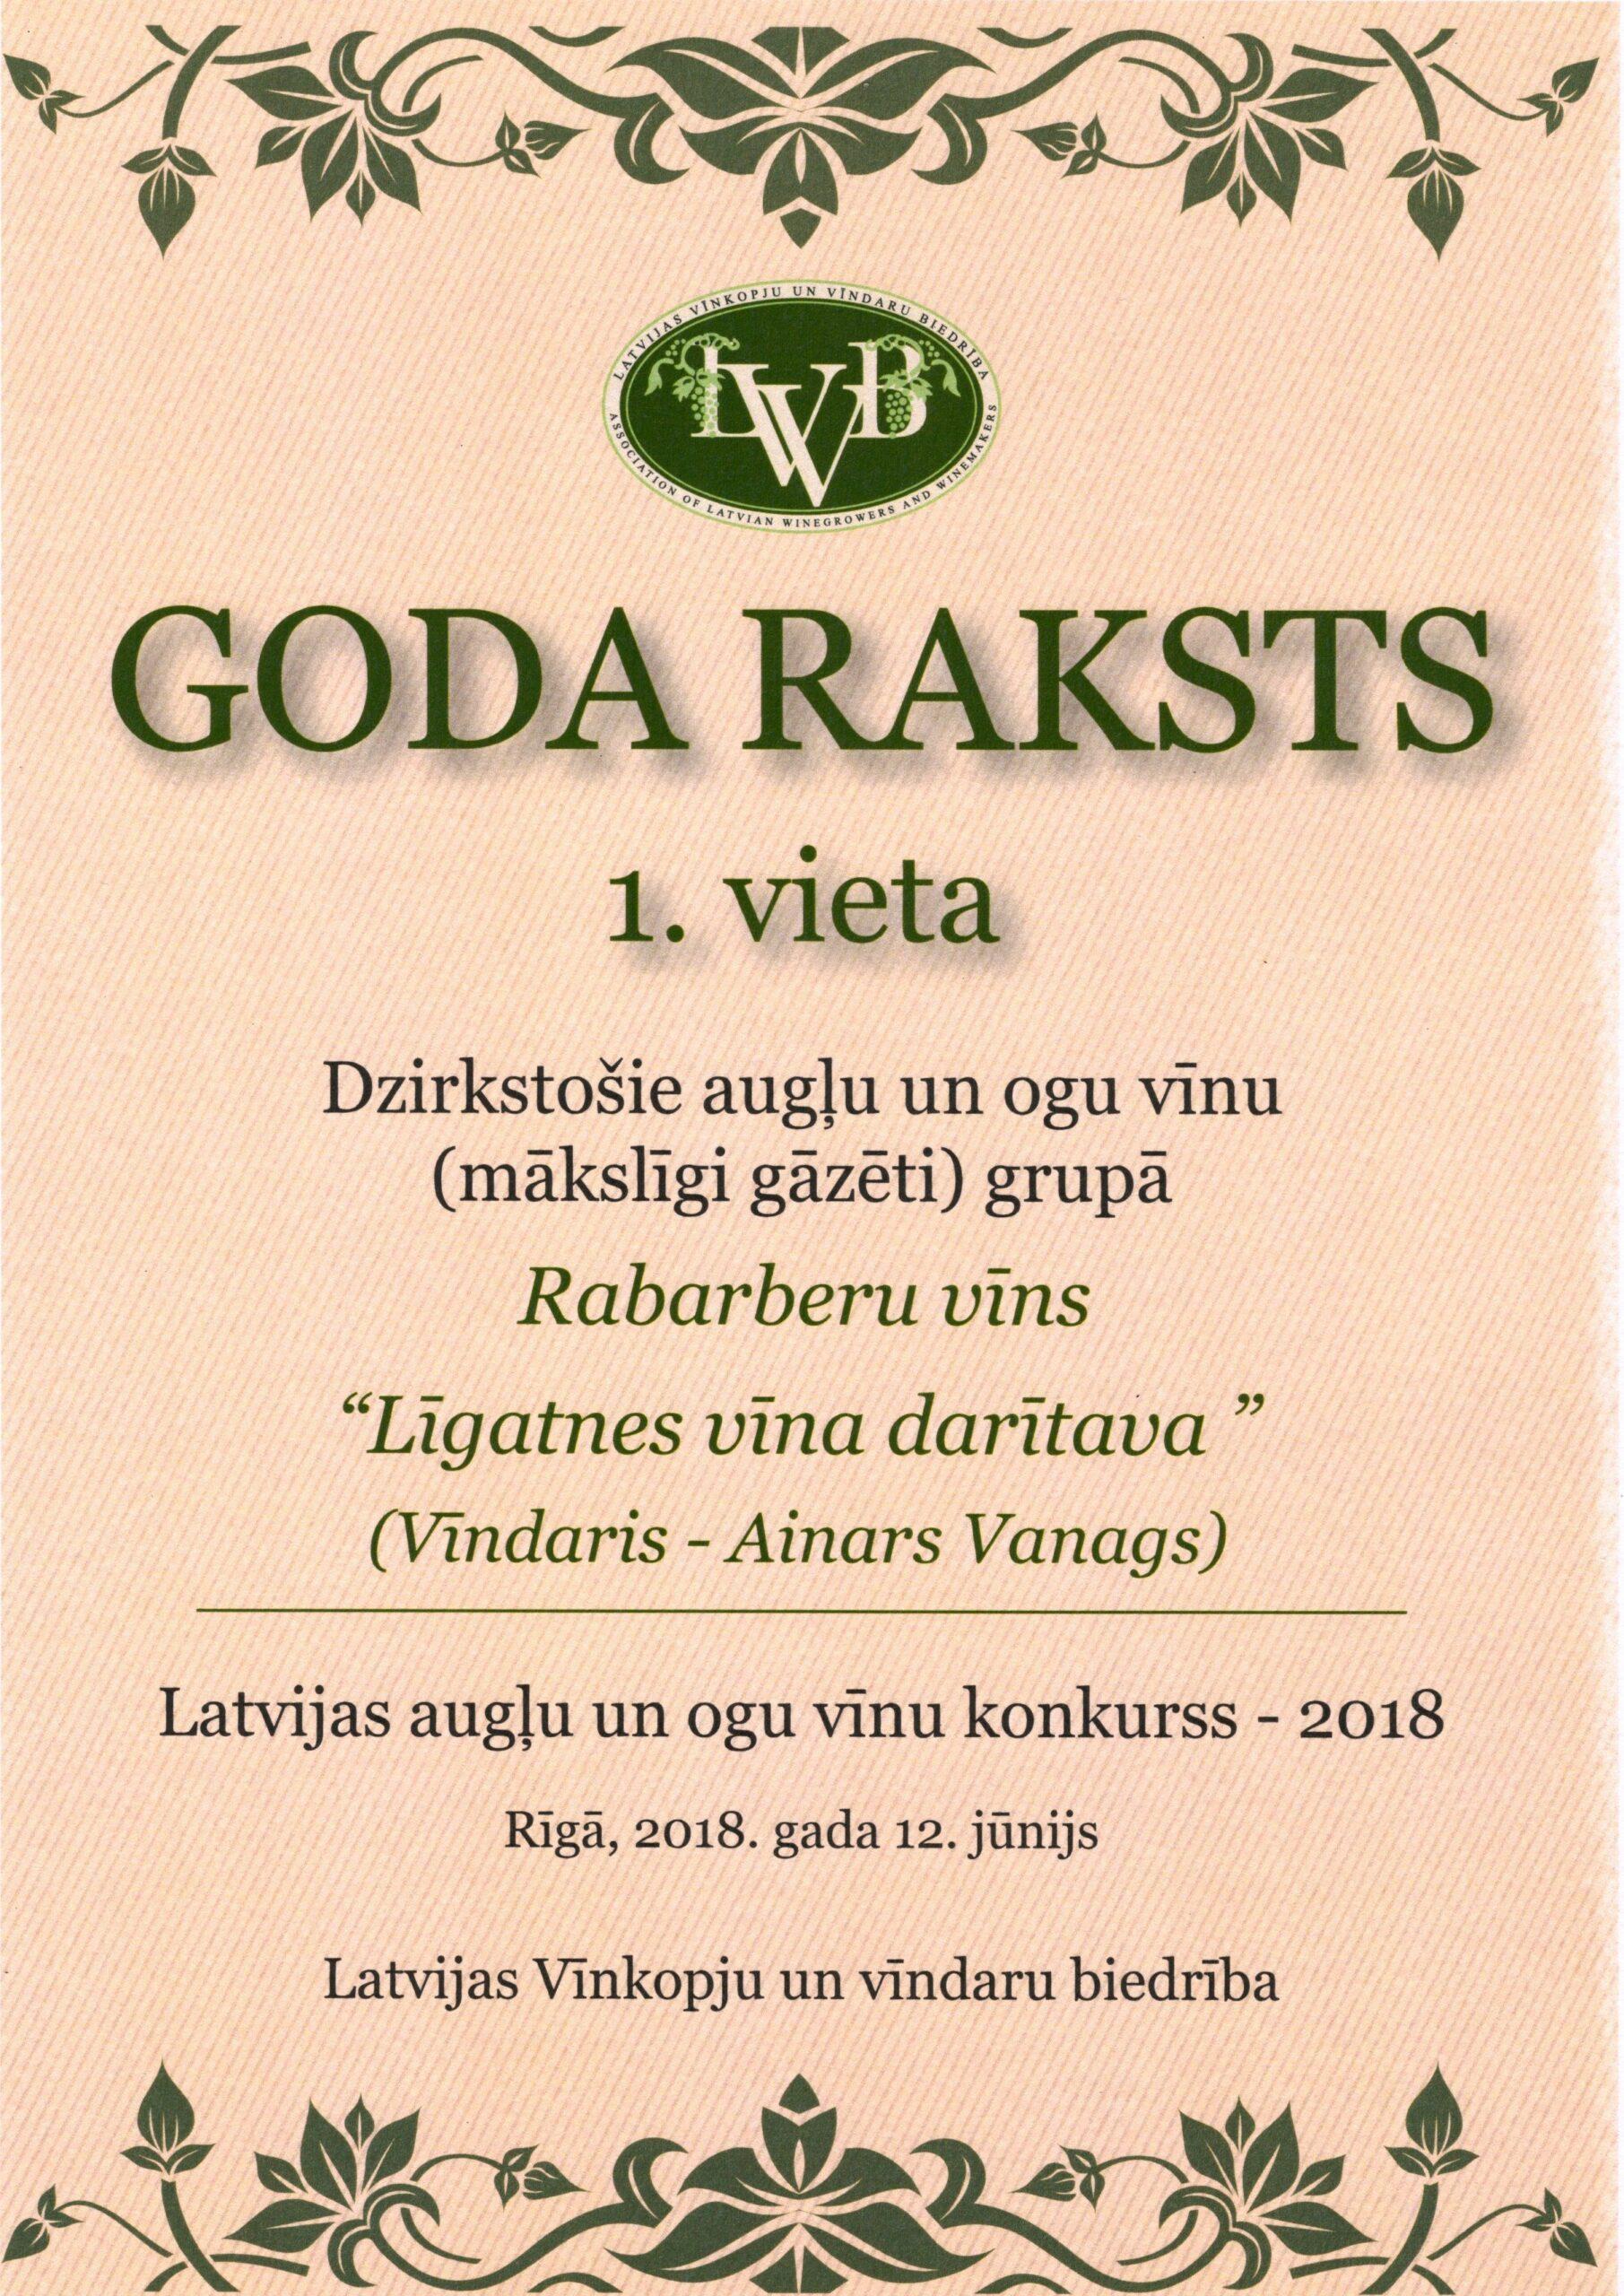 LVB 1.vieta Rabarberu vīns Dzirkstošo augļu un ogu vīnu grupā